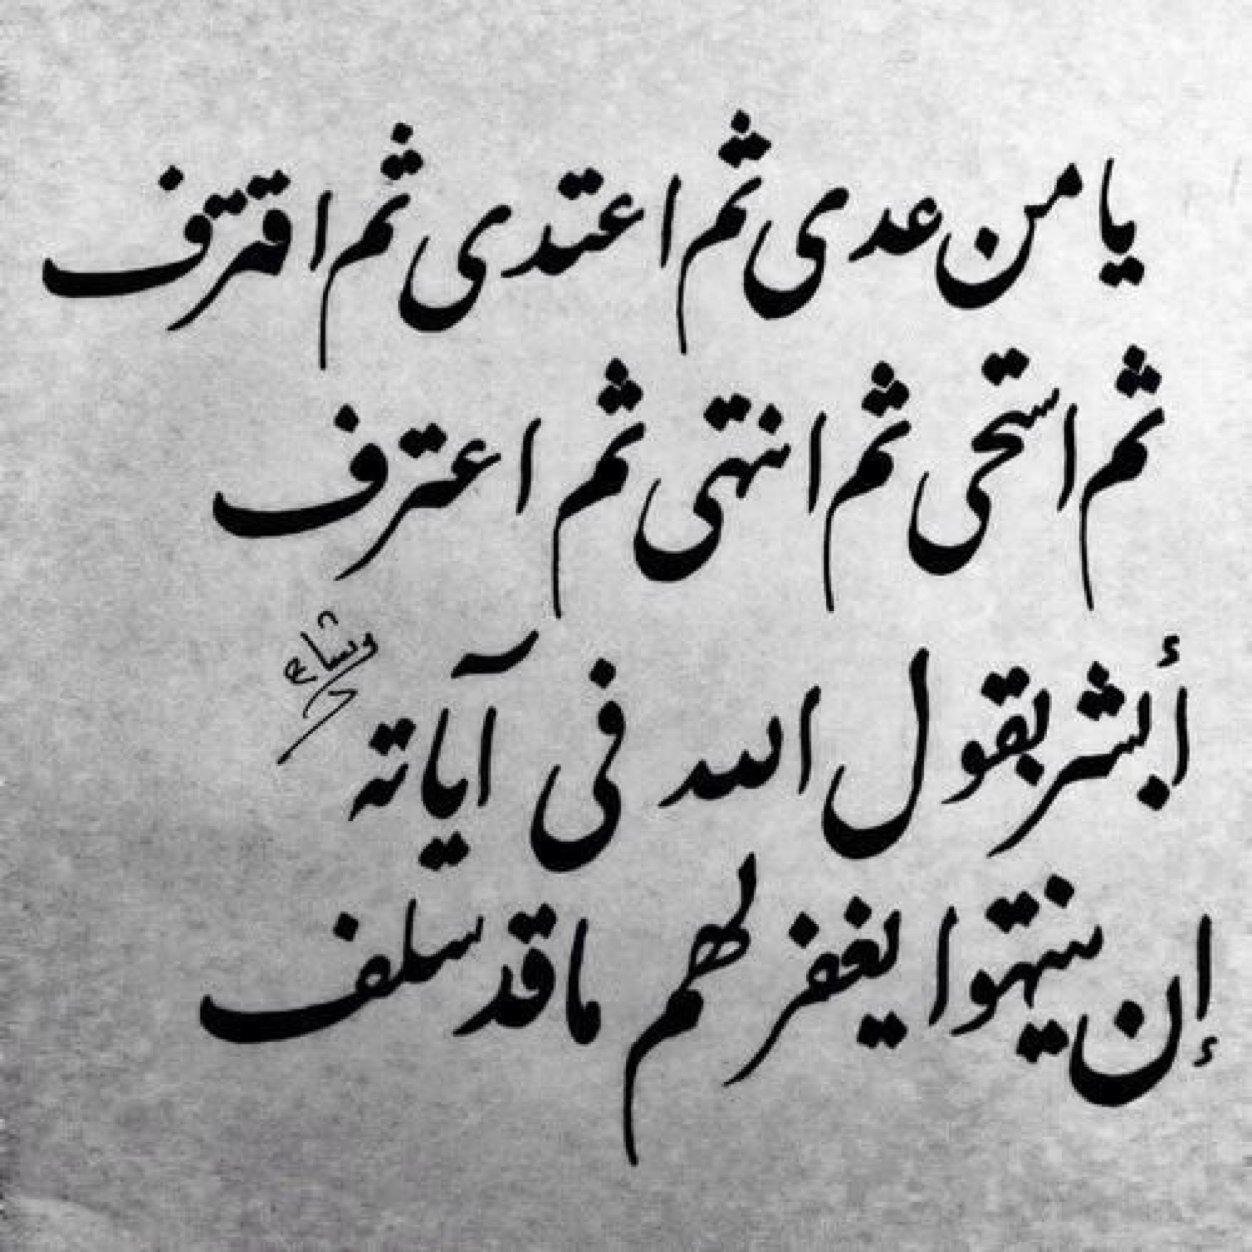 بالصور شعر عربي فصيح , شعر اللغه العربيه الفصحه